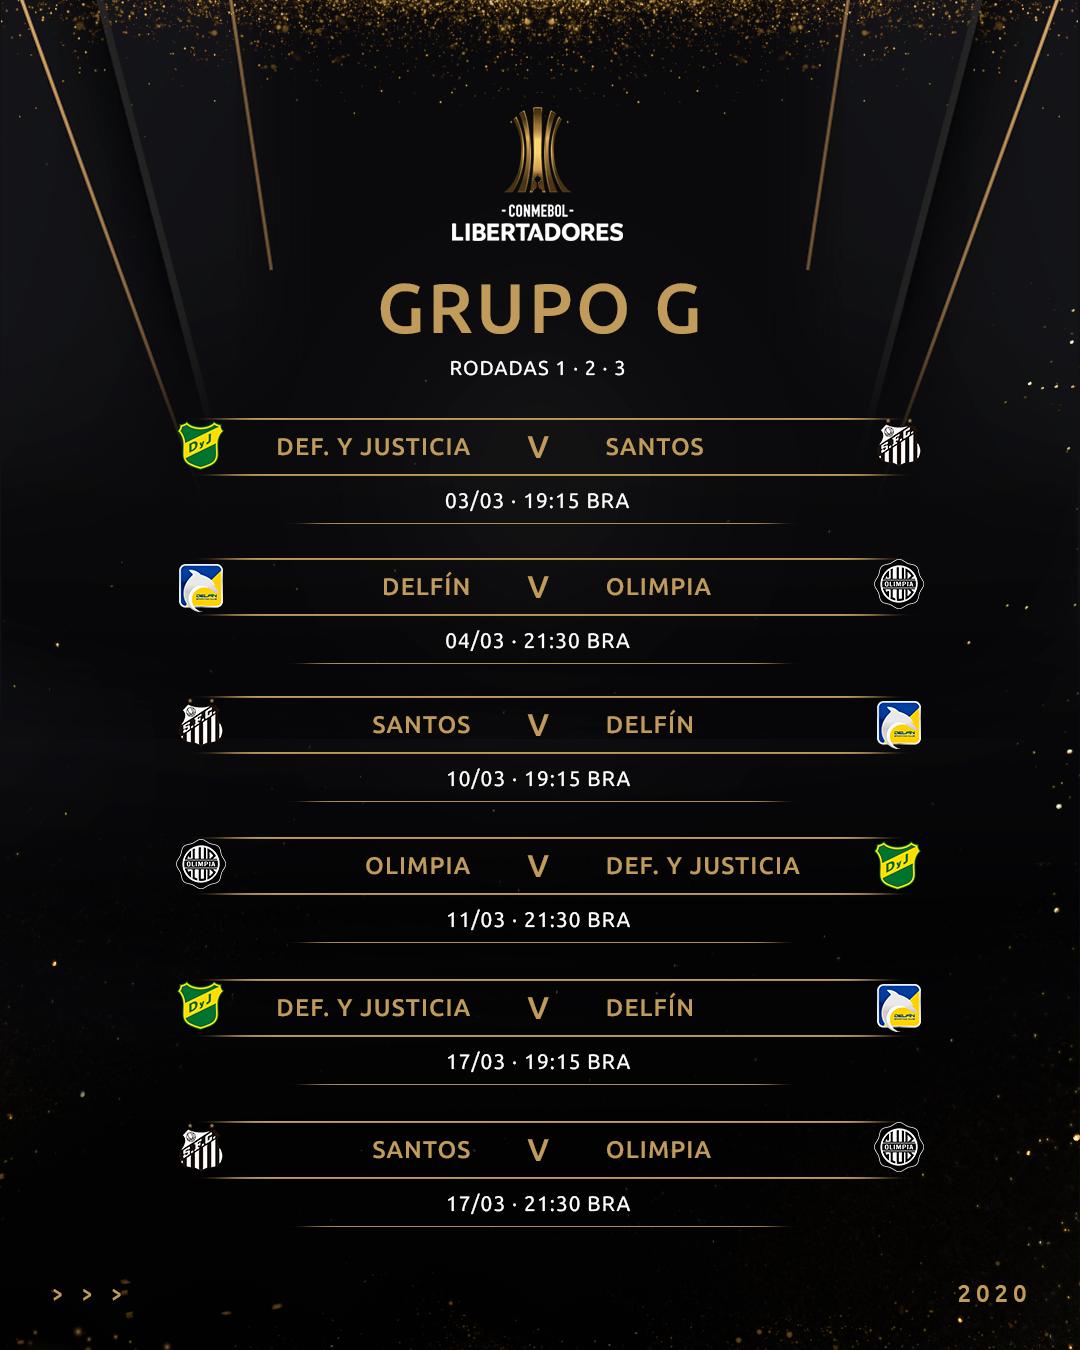 Grupo G - tabela 1 - Libertadores